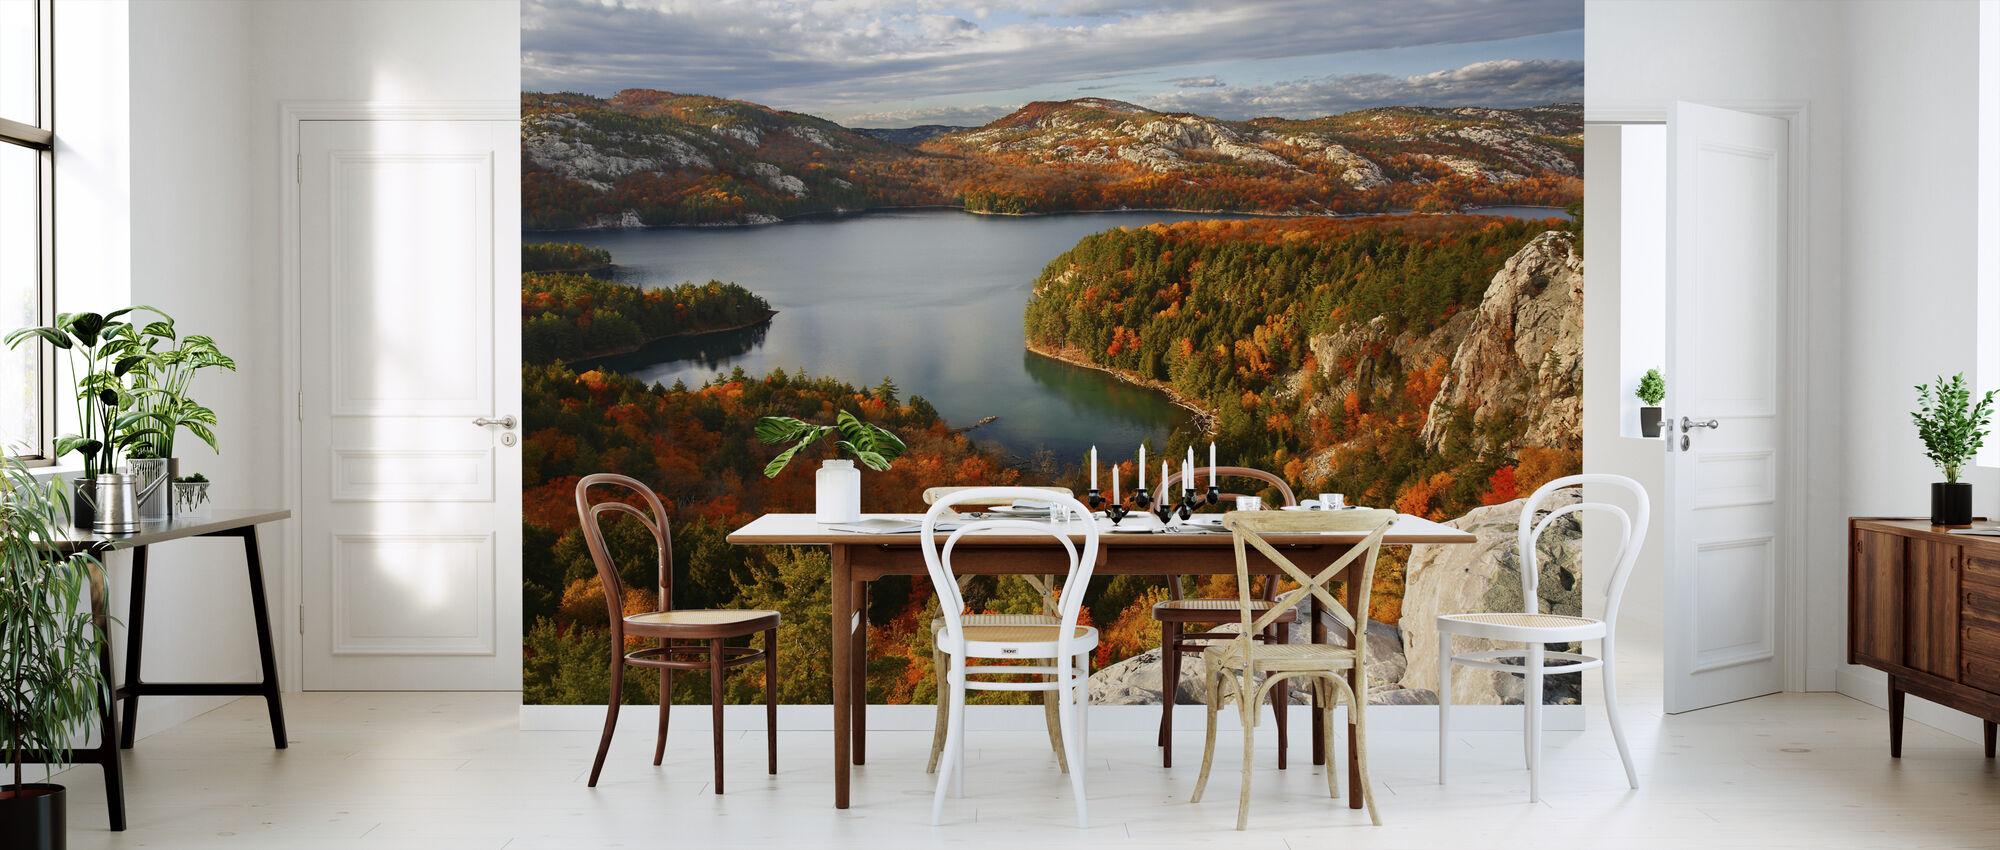 Fall at Killarney Lake - Wallpaper - Kitchen